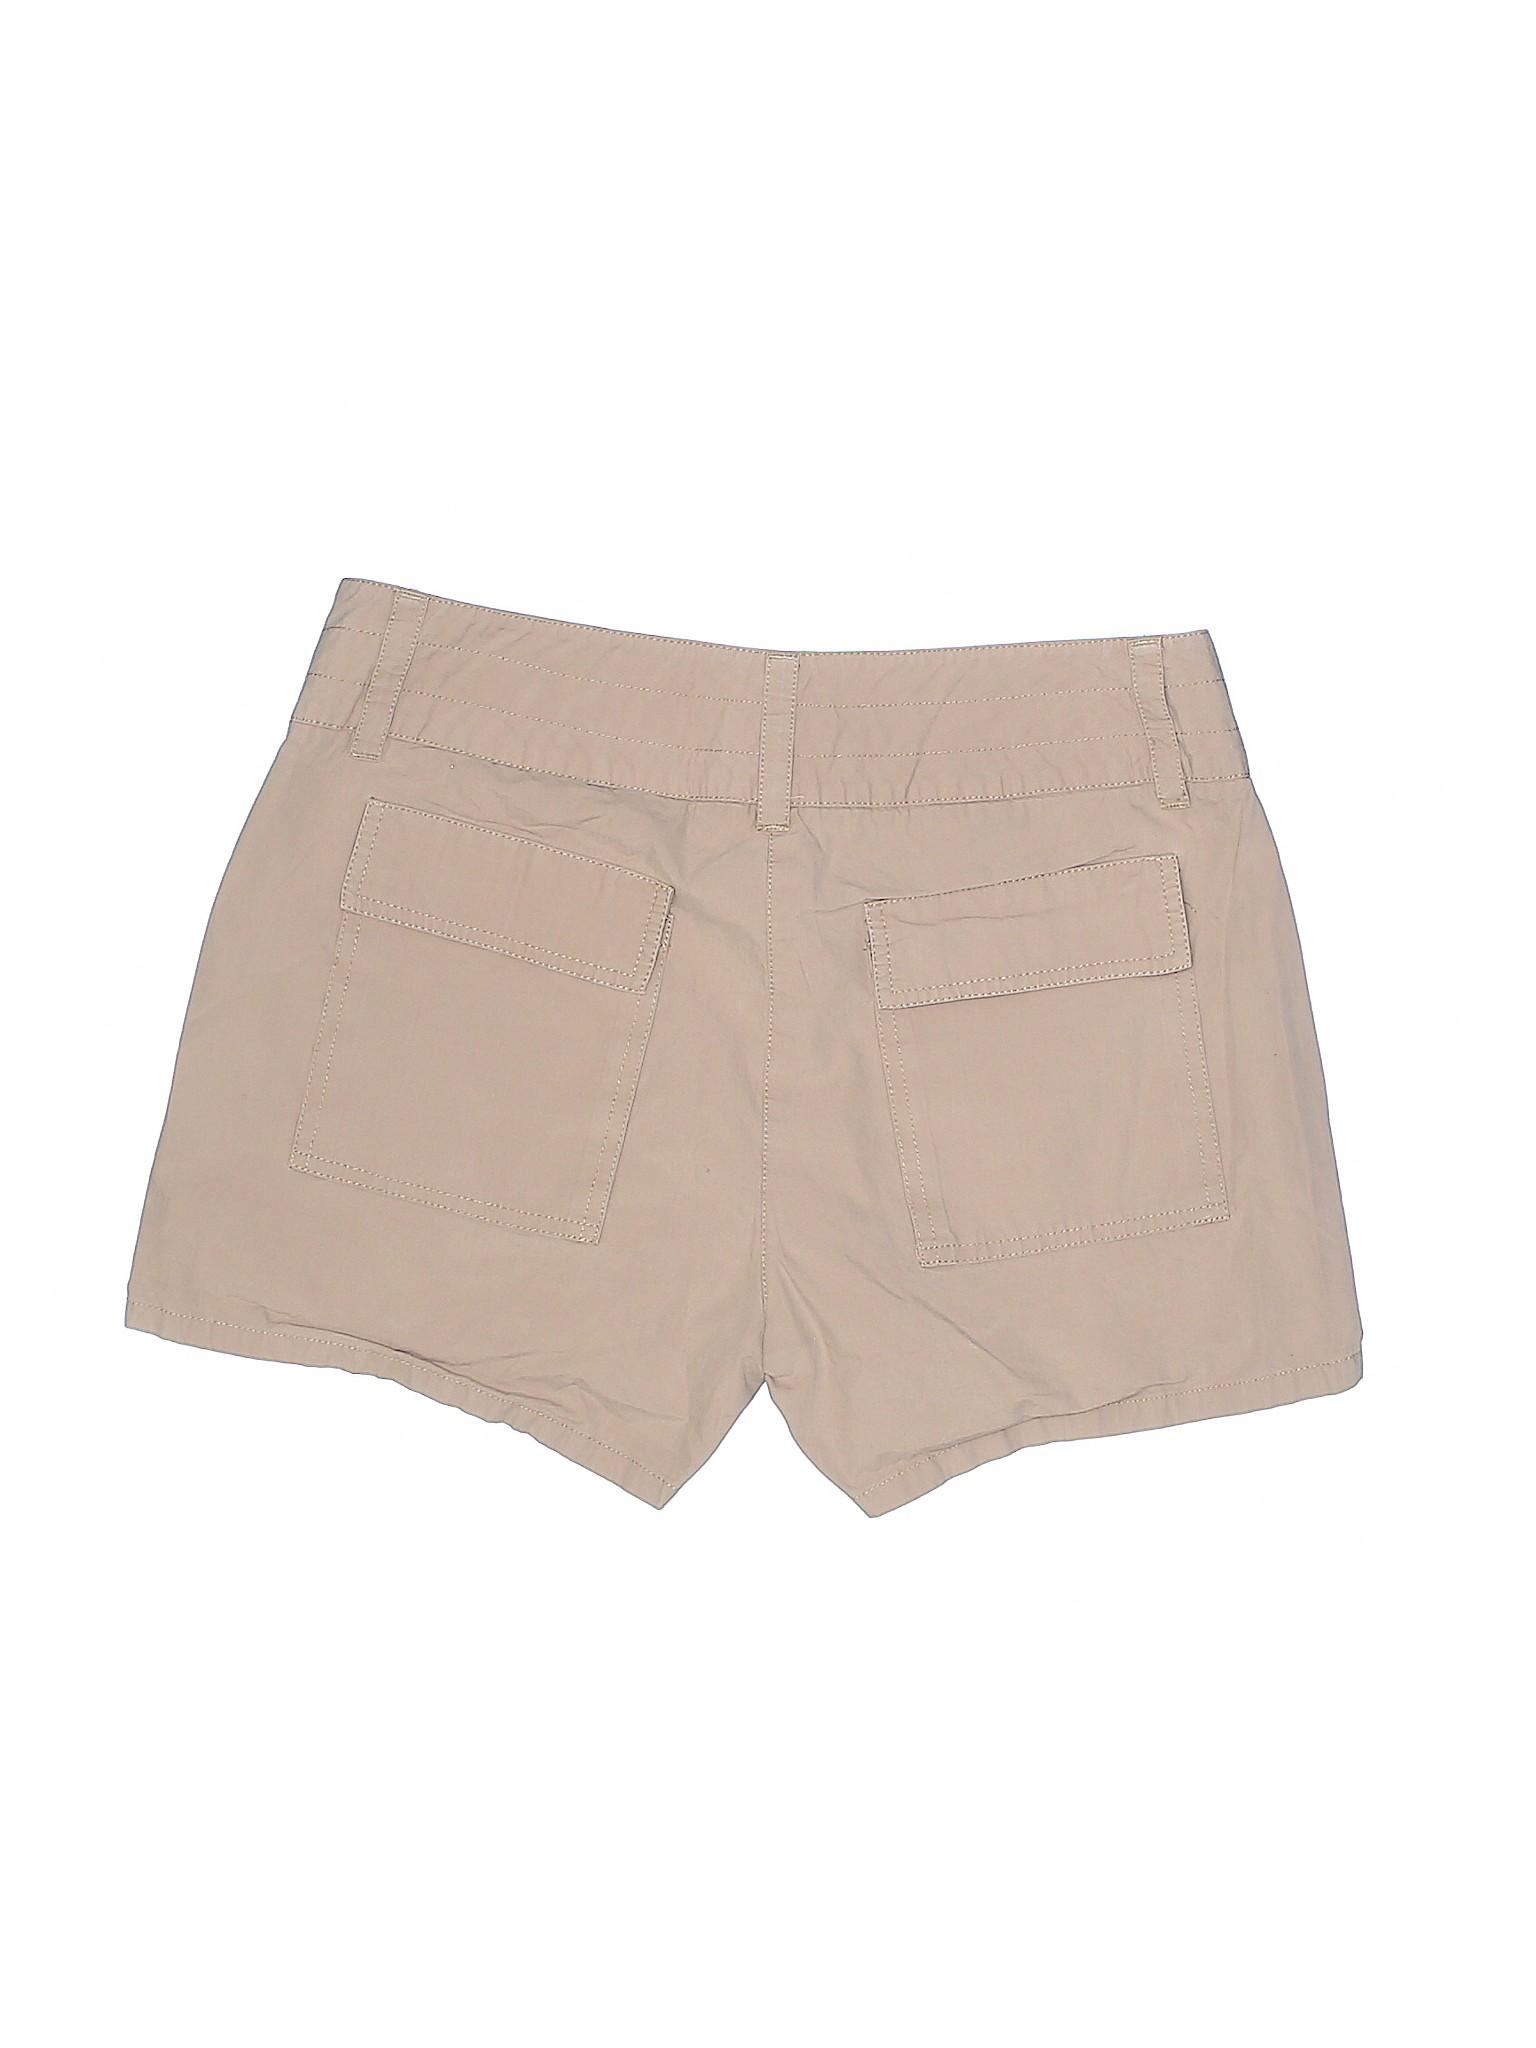 Shorts Theory Boutique Boutique Khaki Boutique Shorts Boutique Theory Shorts Khaki Theory Khaki Theory f1Fa7